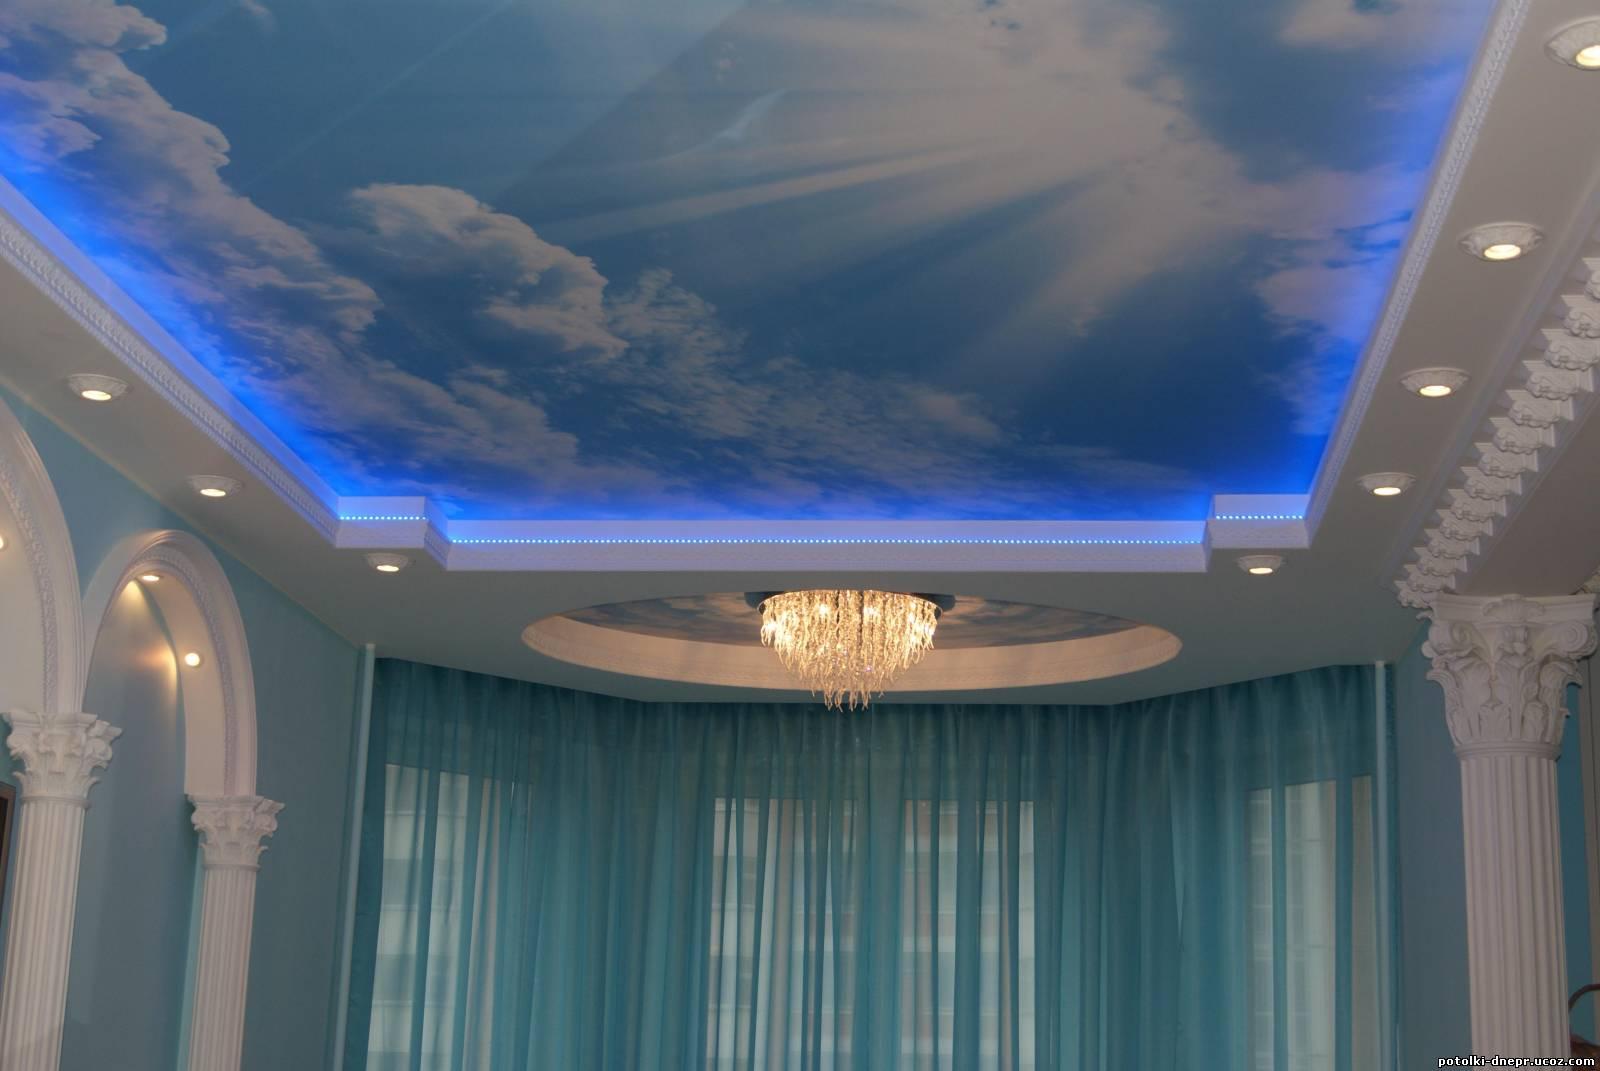 Цветные натяжные потолки с изобржением голубого неба с облаками в Кропоткине Гулькевичи